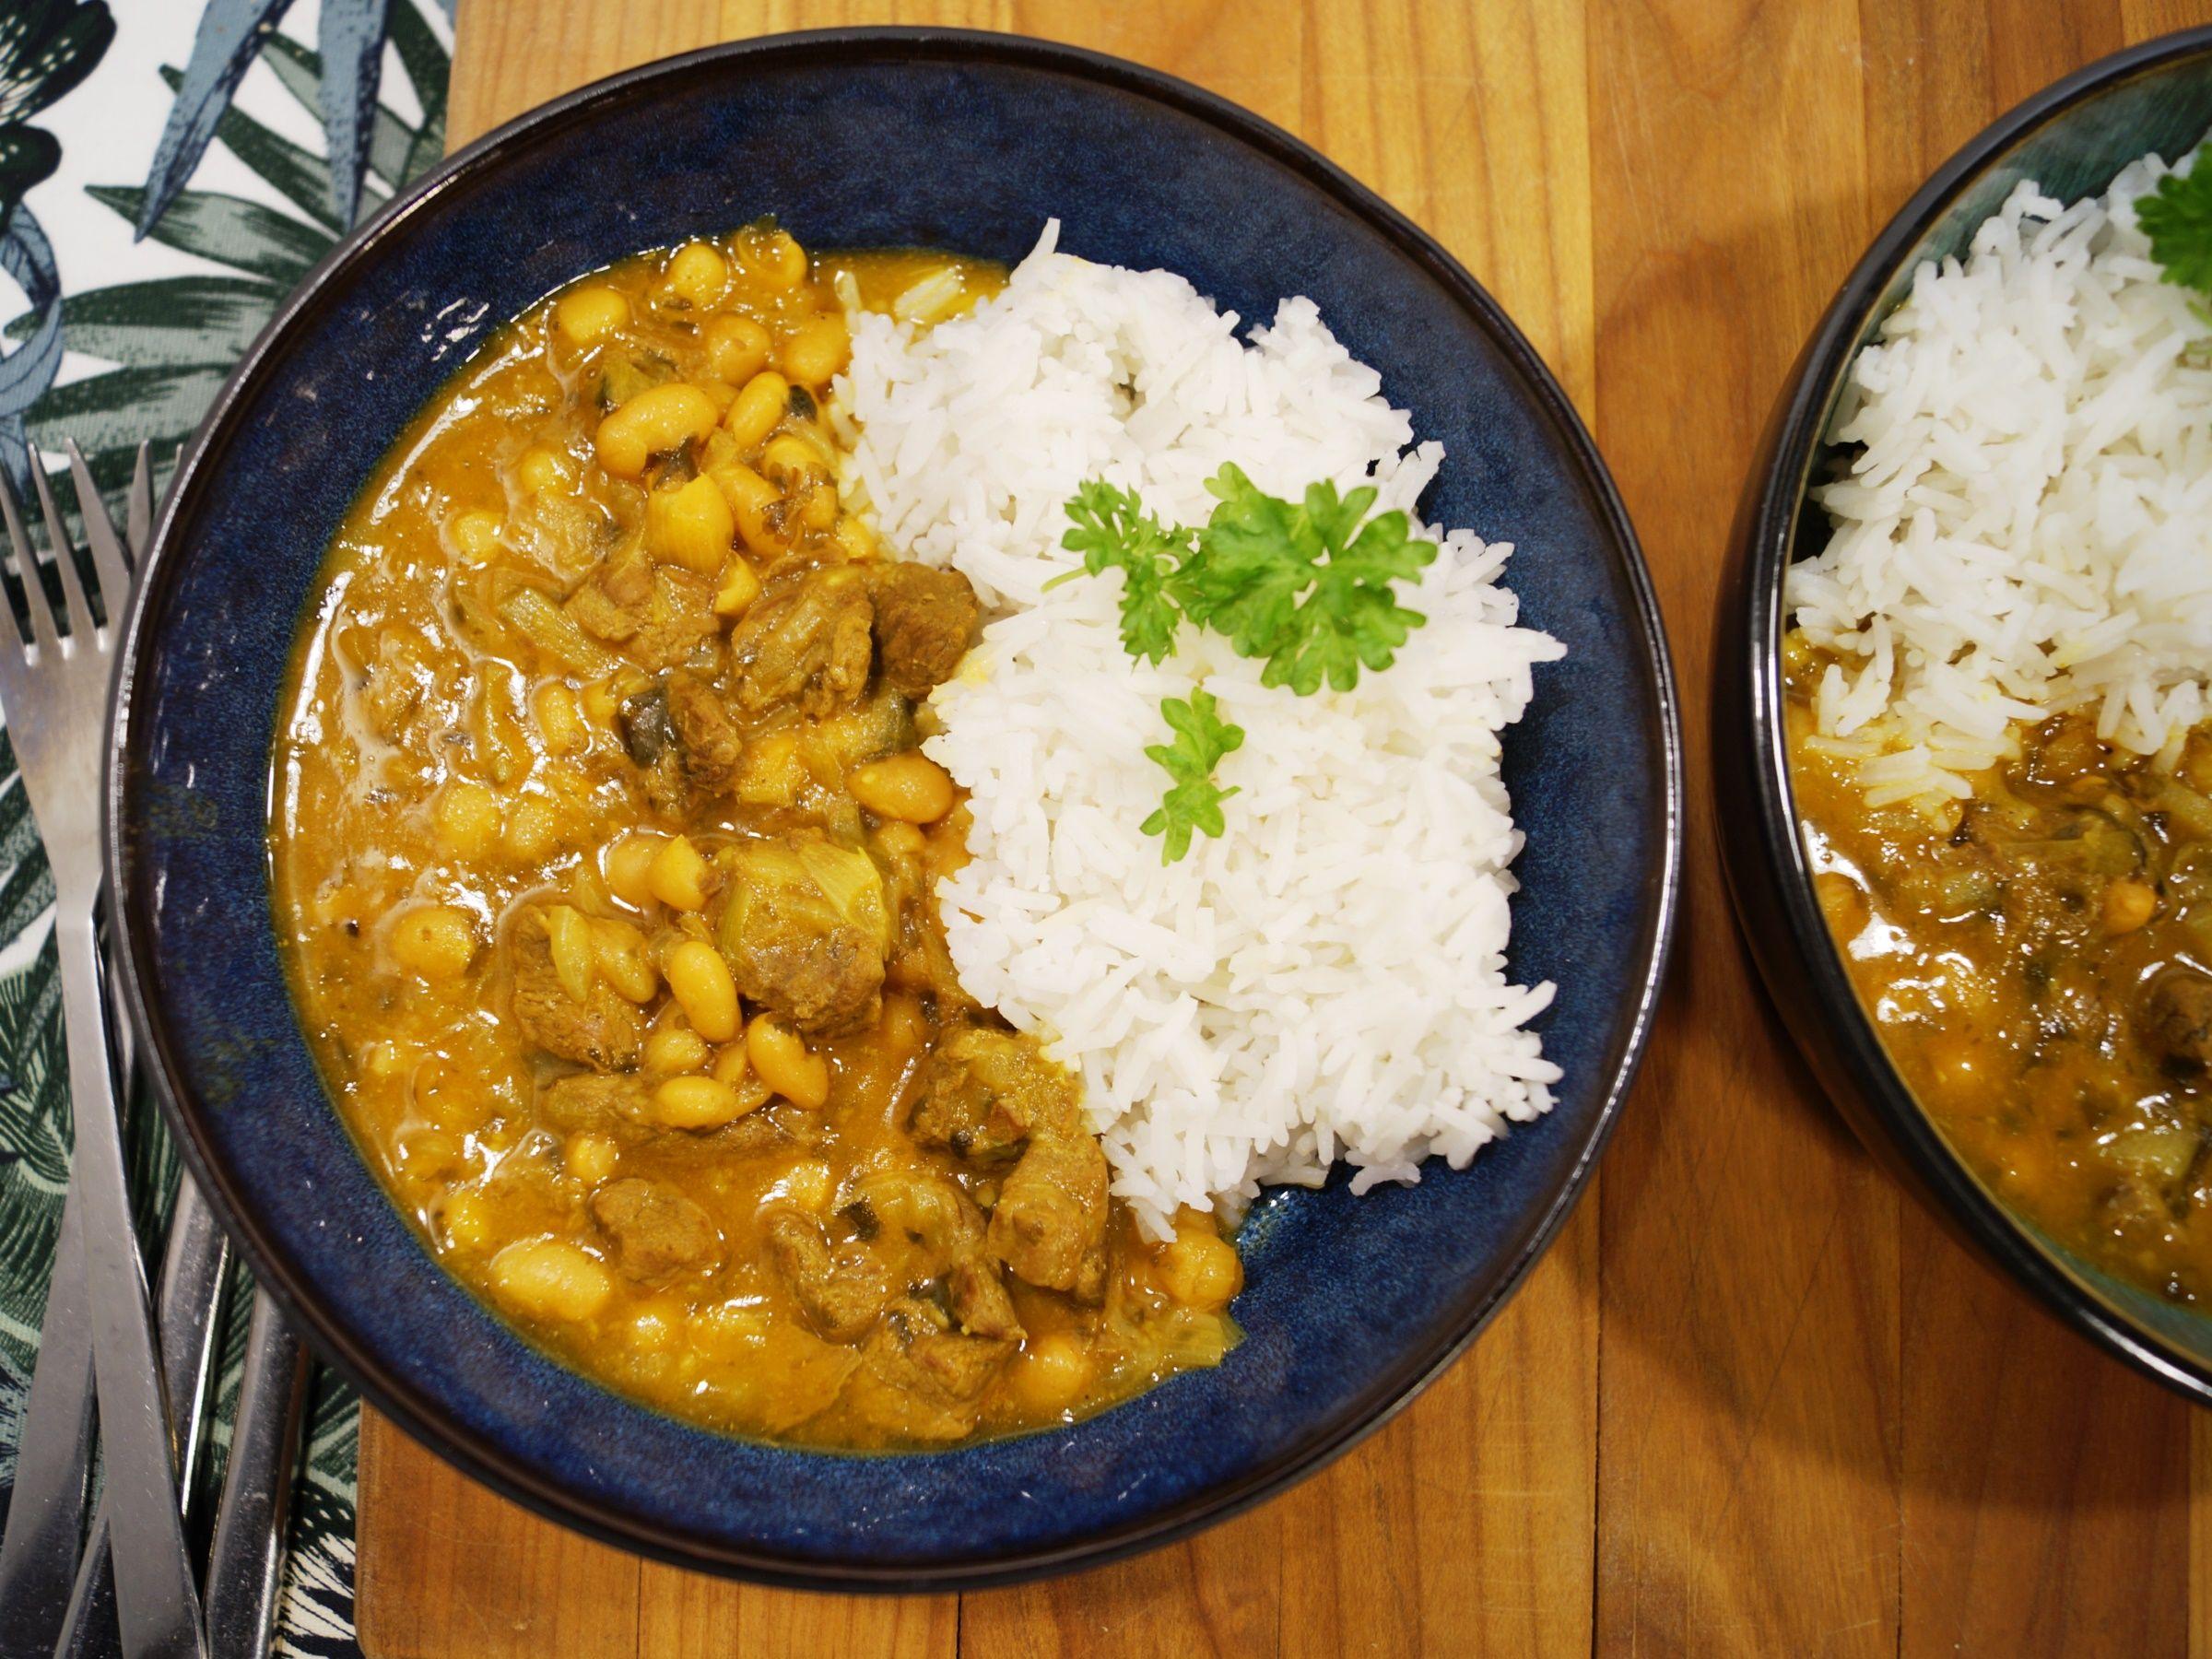 Iransk oksekødgryde med baked beans